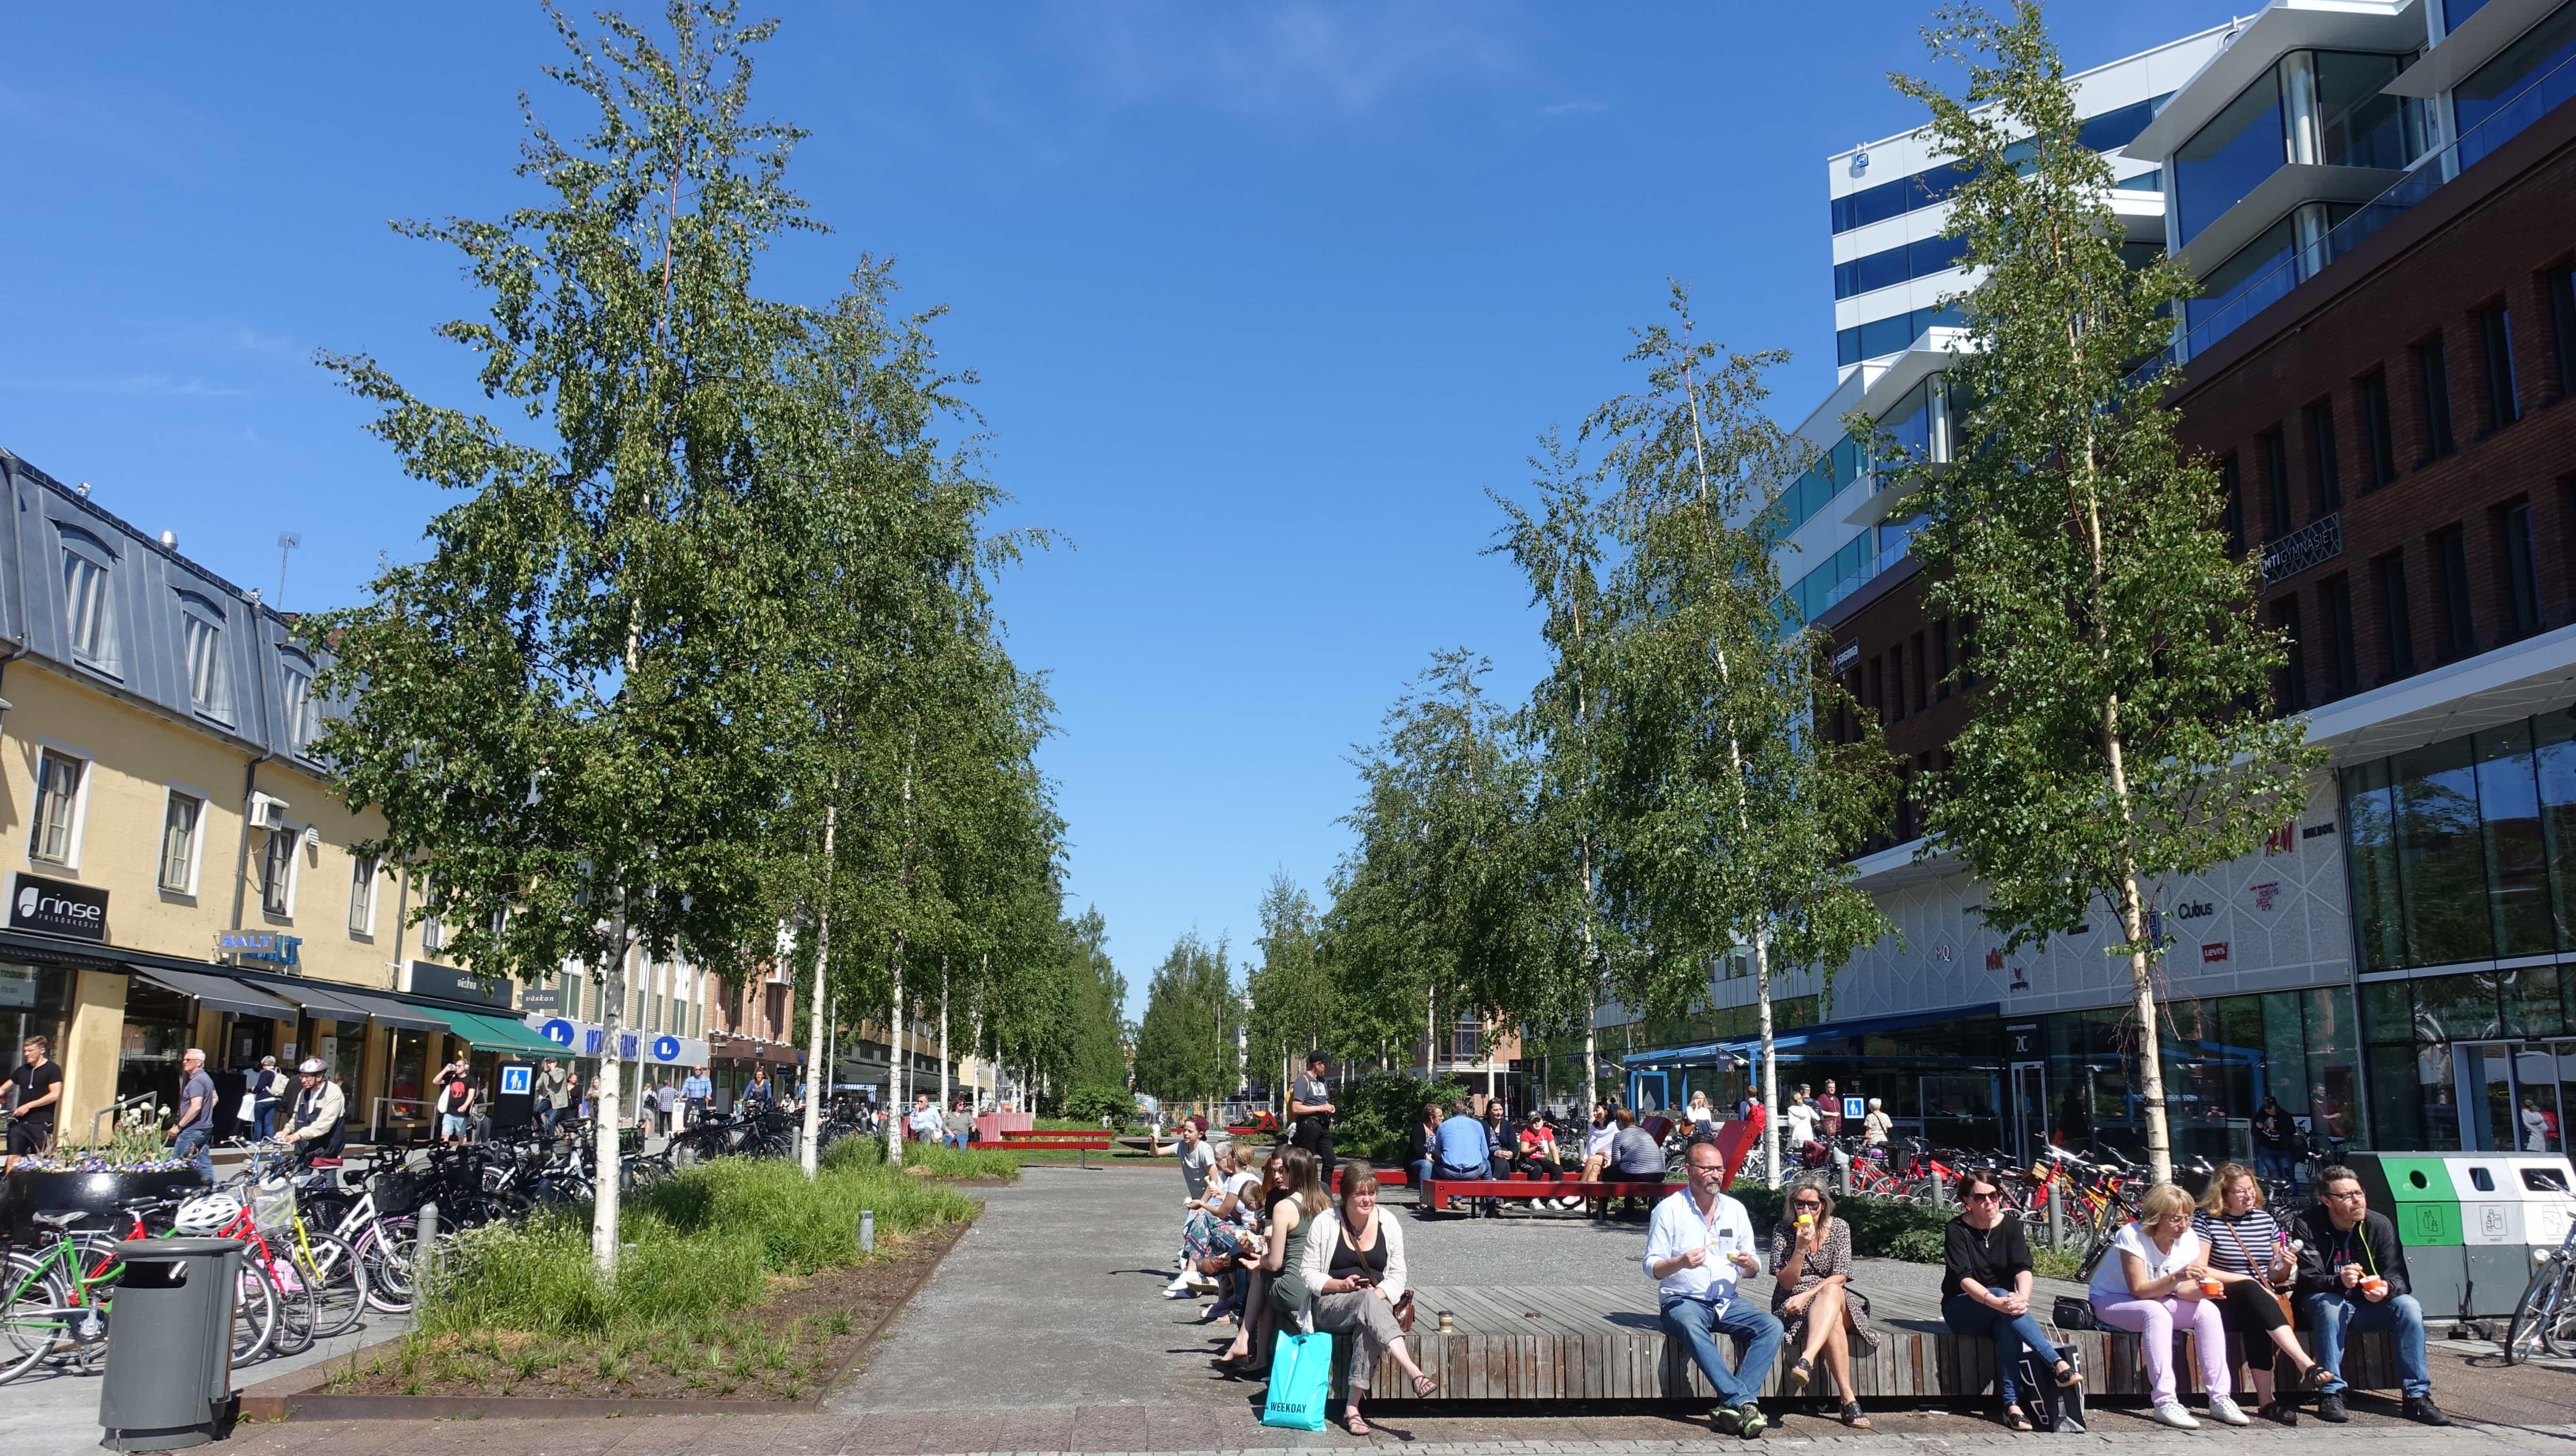 Passanten in Umeå in Schweden